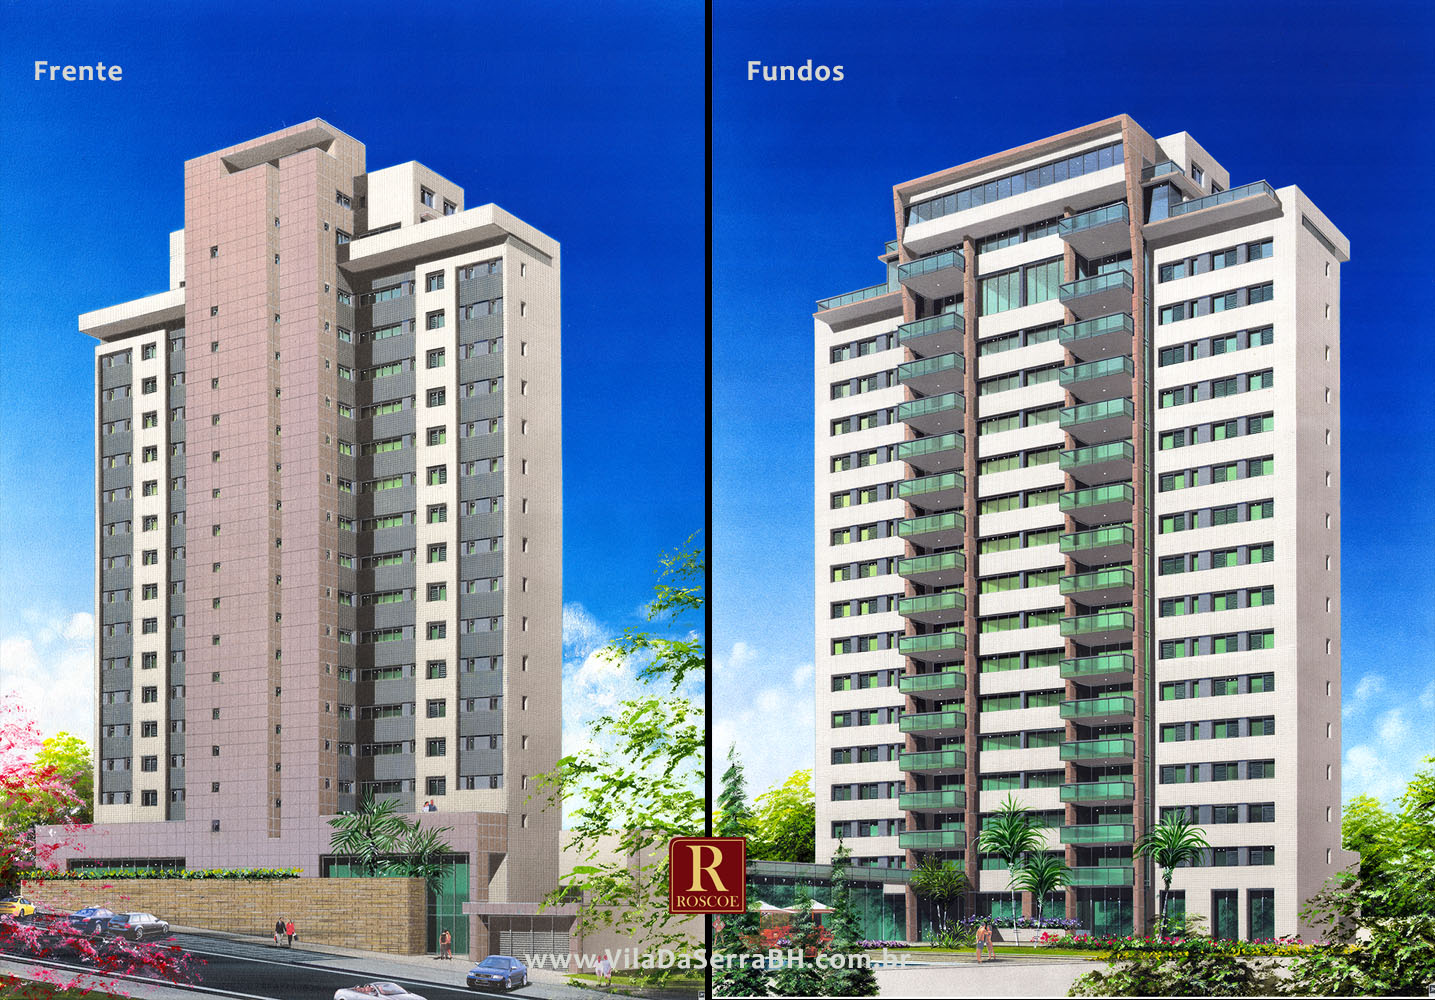 edificio villadorata www.viladaserrabh.com.br